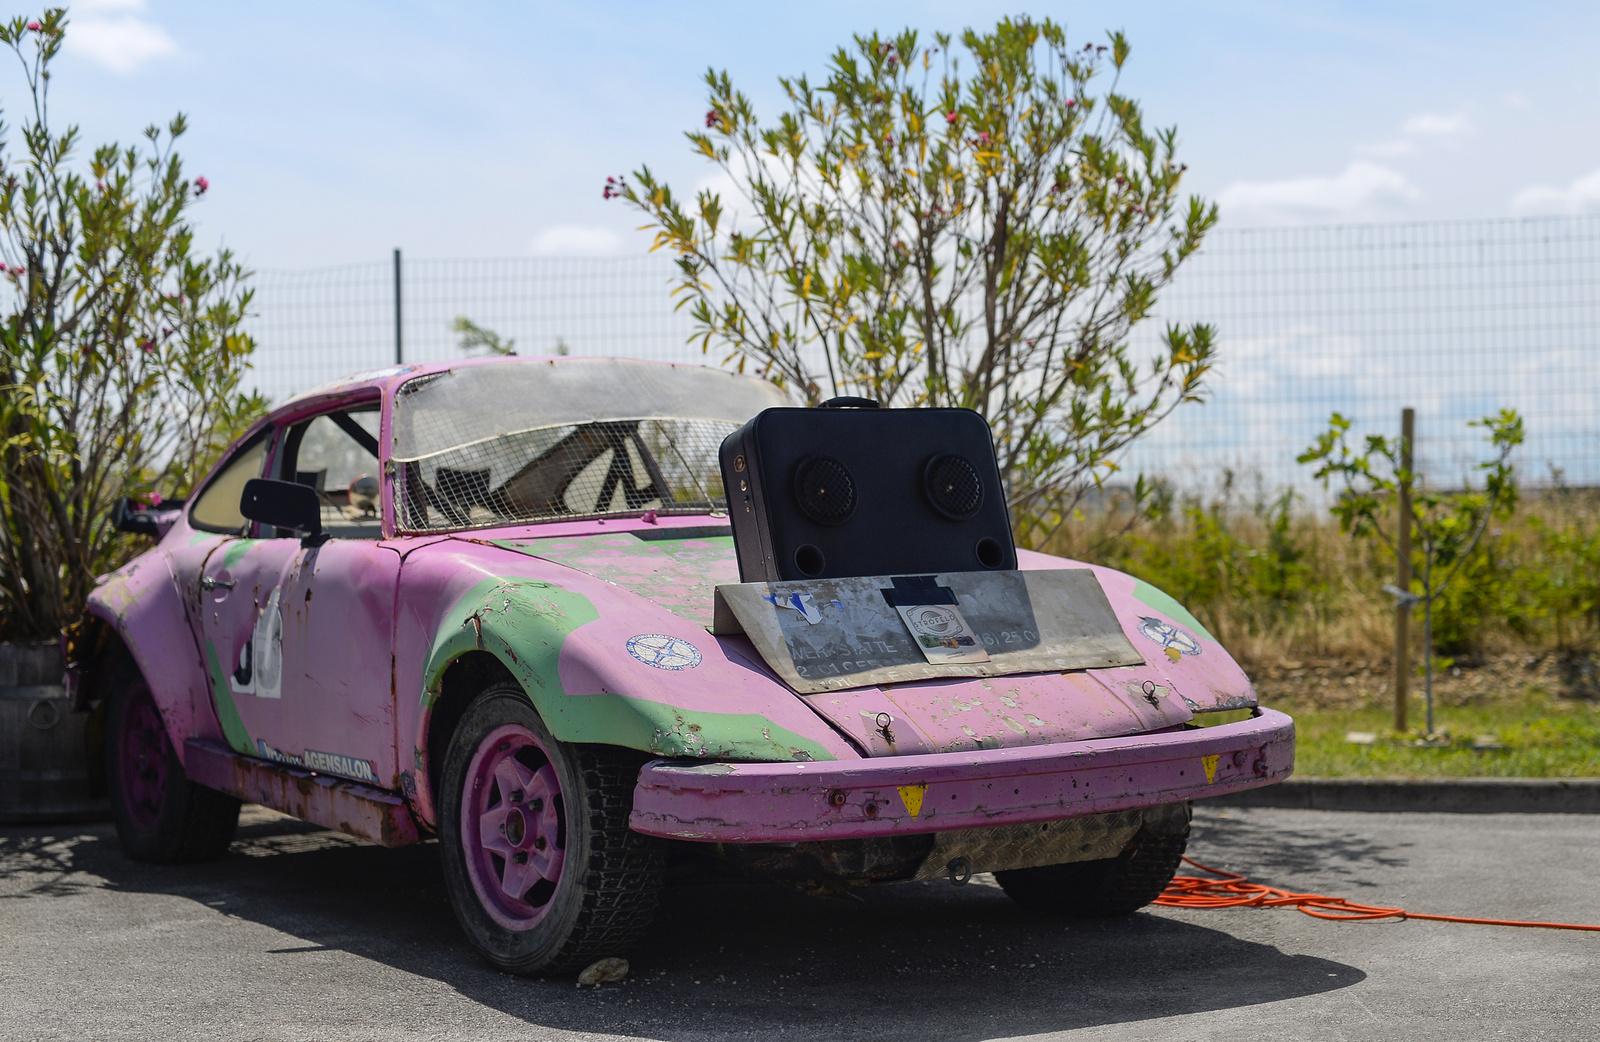 Porsche 911 rallycross